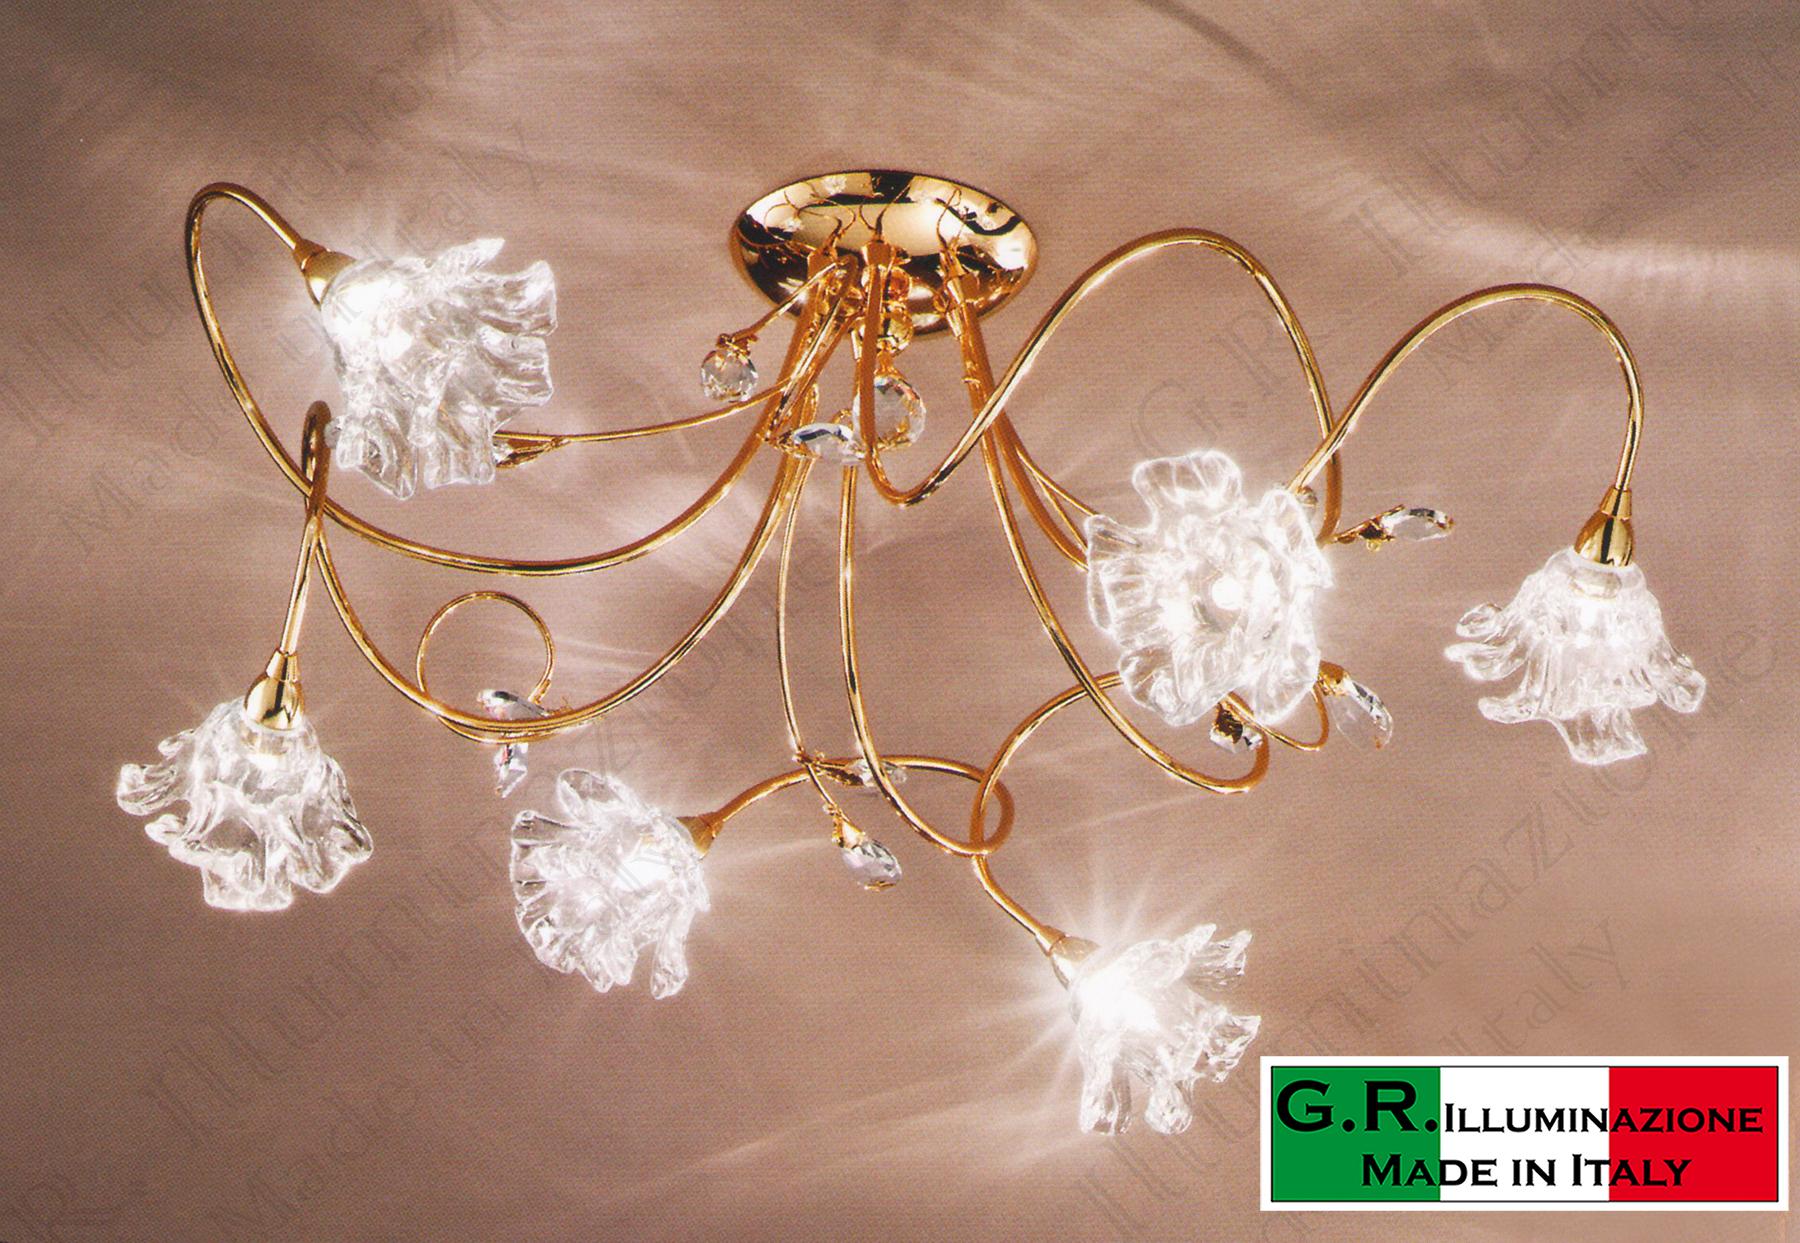 Plafoniera Per Bagno Murano : Lampadario plafoniera moderna soffitto luci bagno oro cristallo